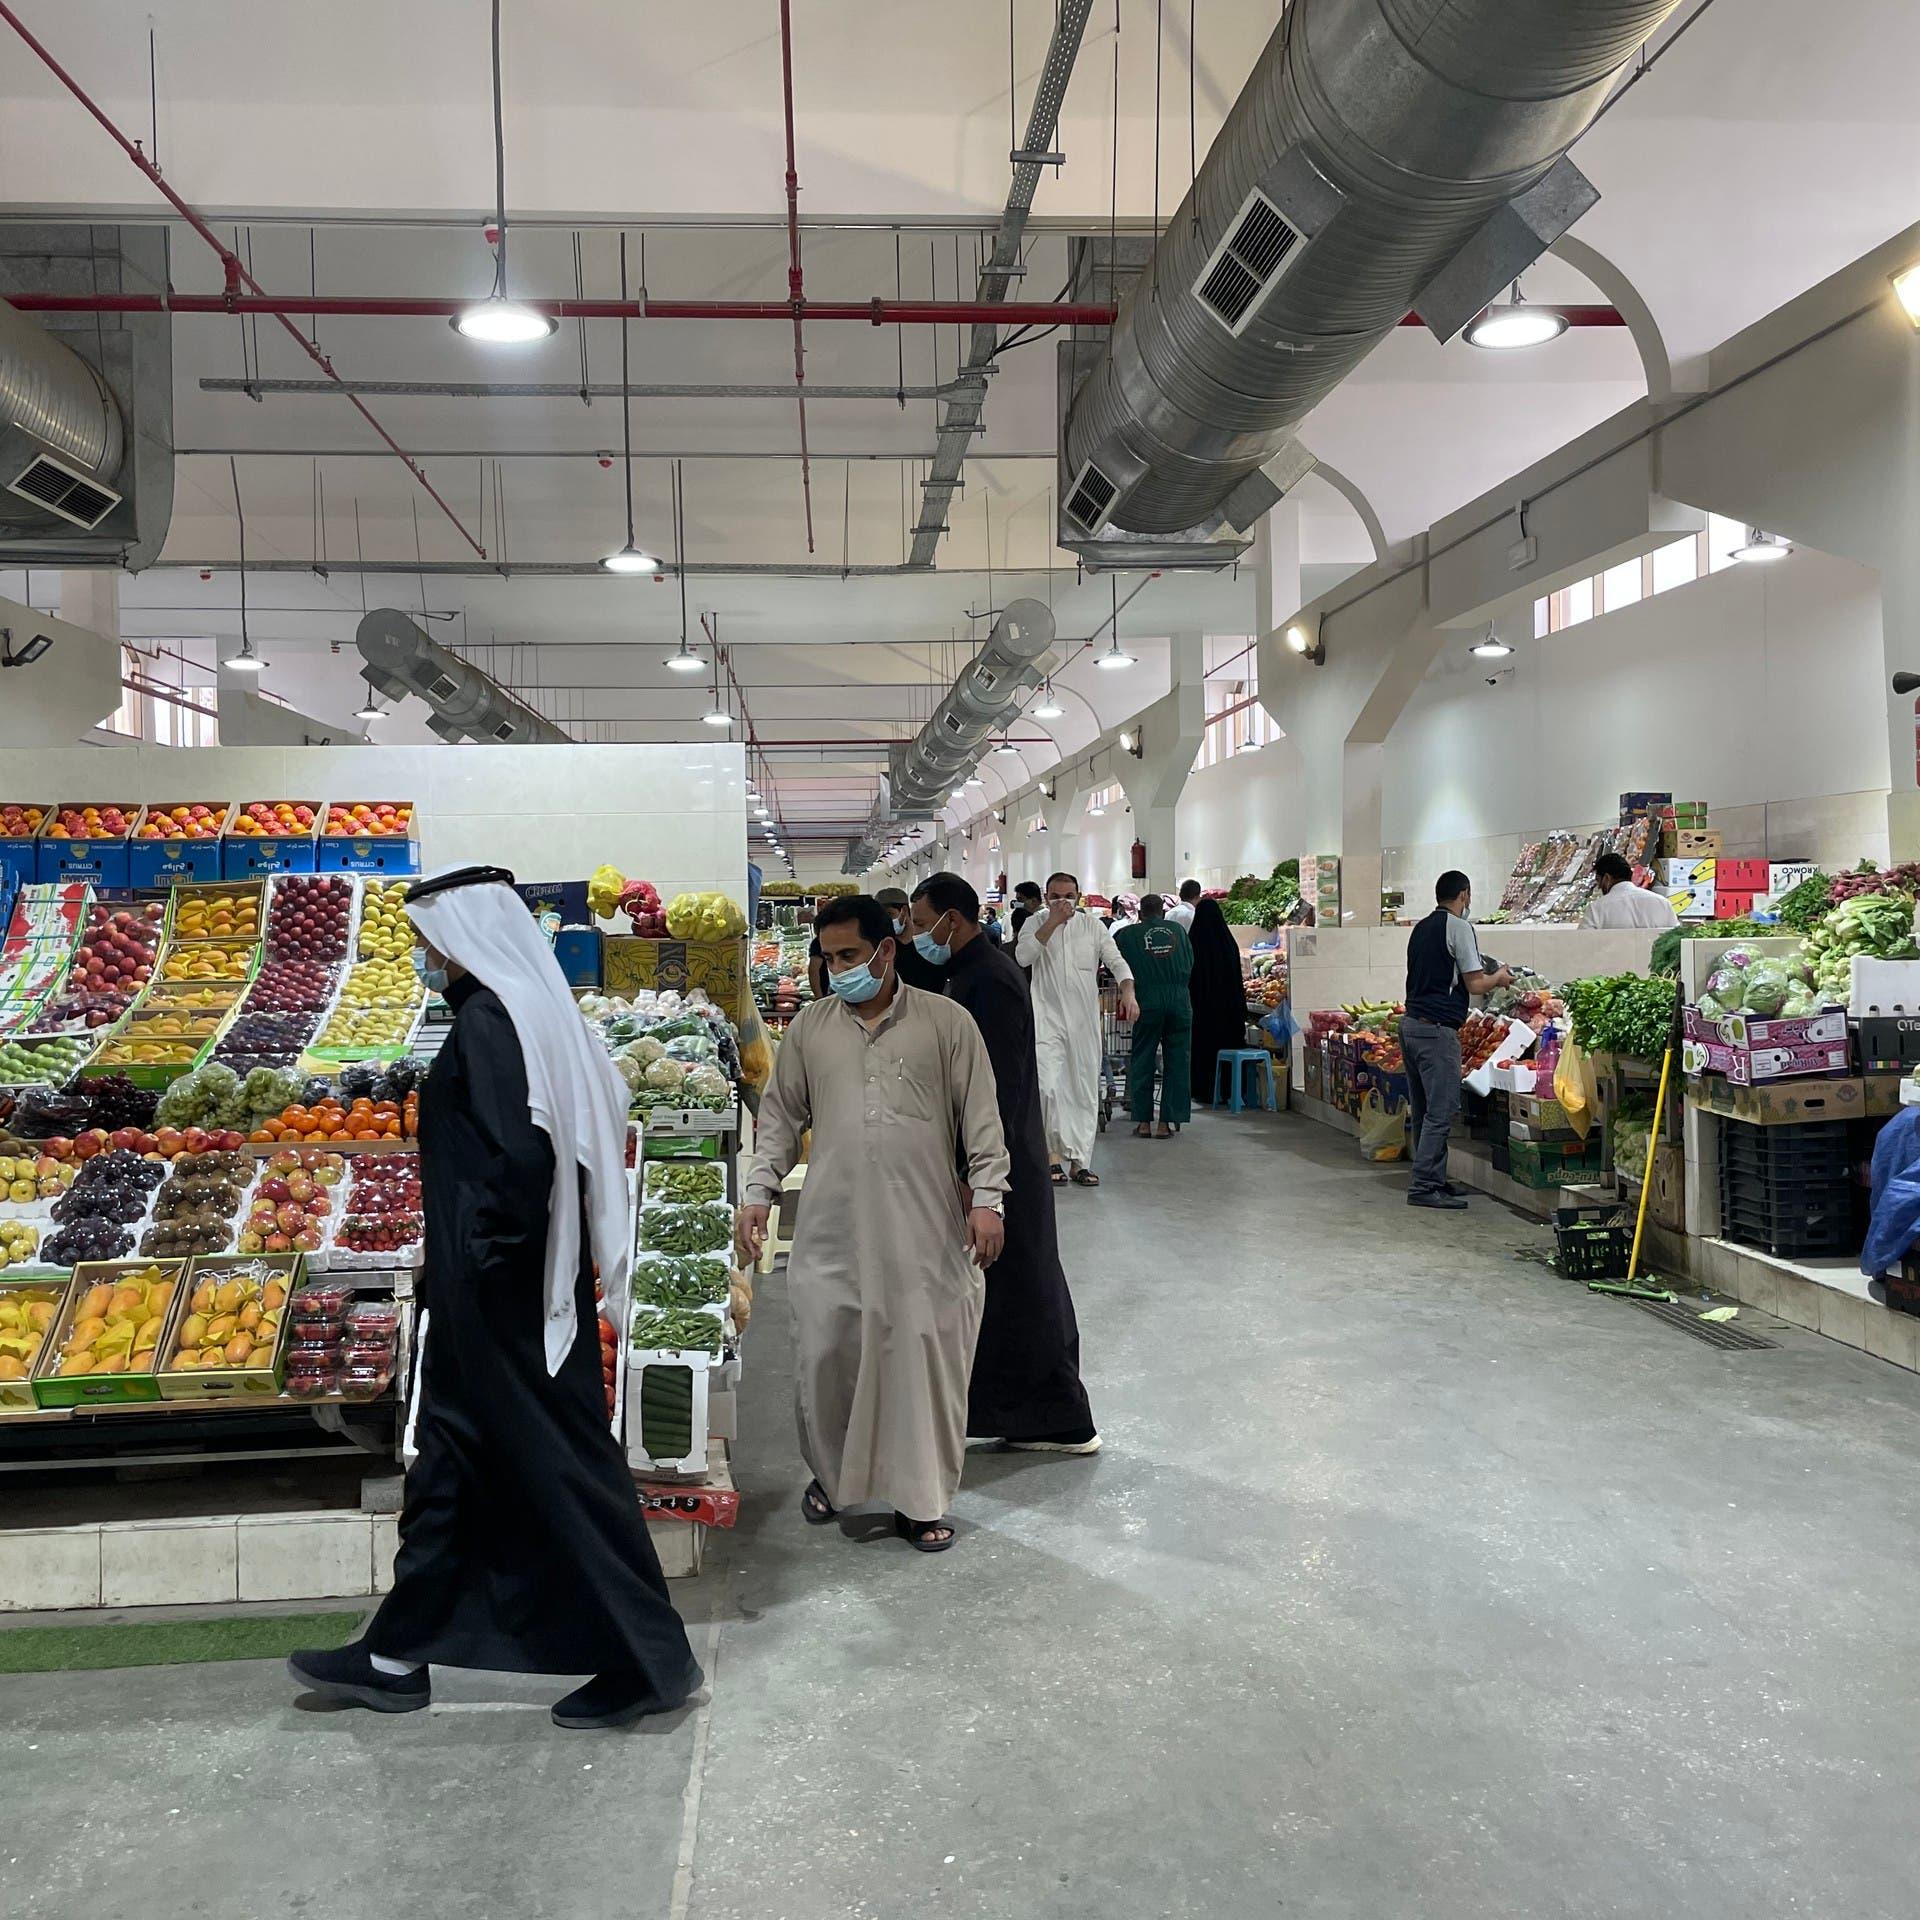 بالصور.. هذا المقر الجديد لبائعة الخضار التي شغلت السعودية